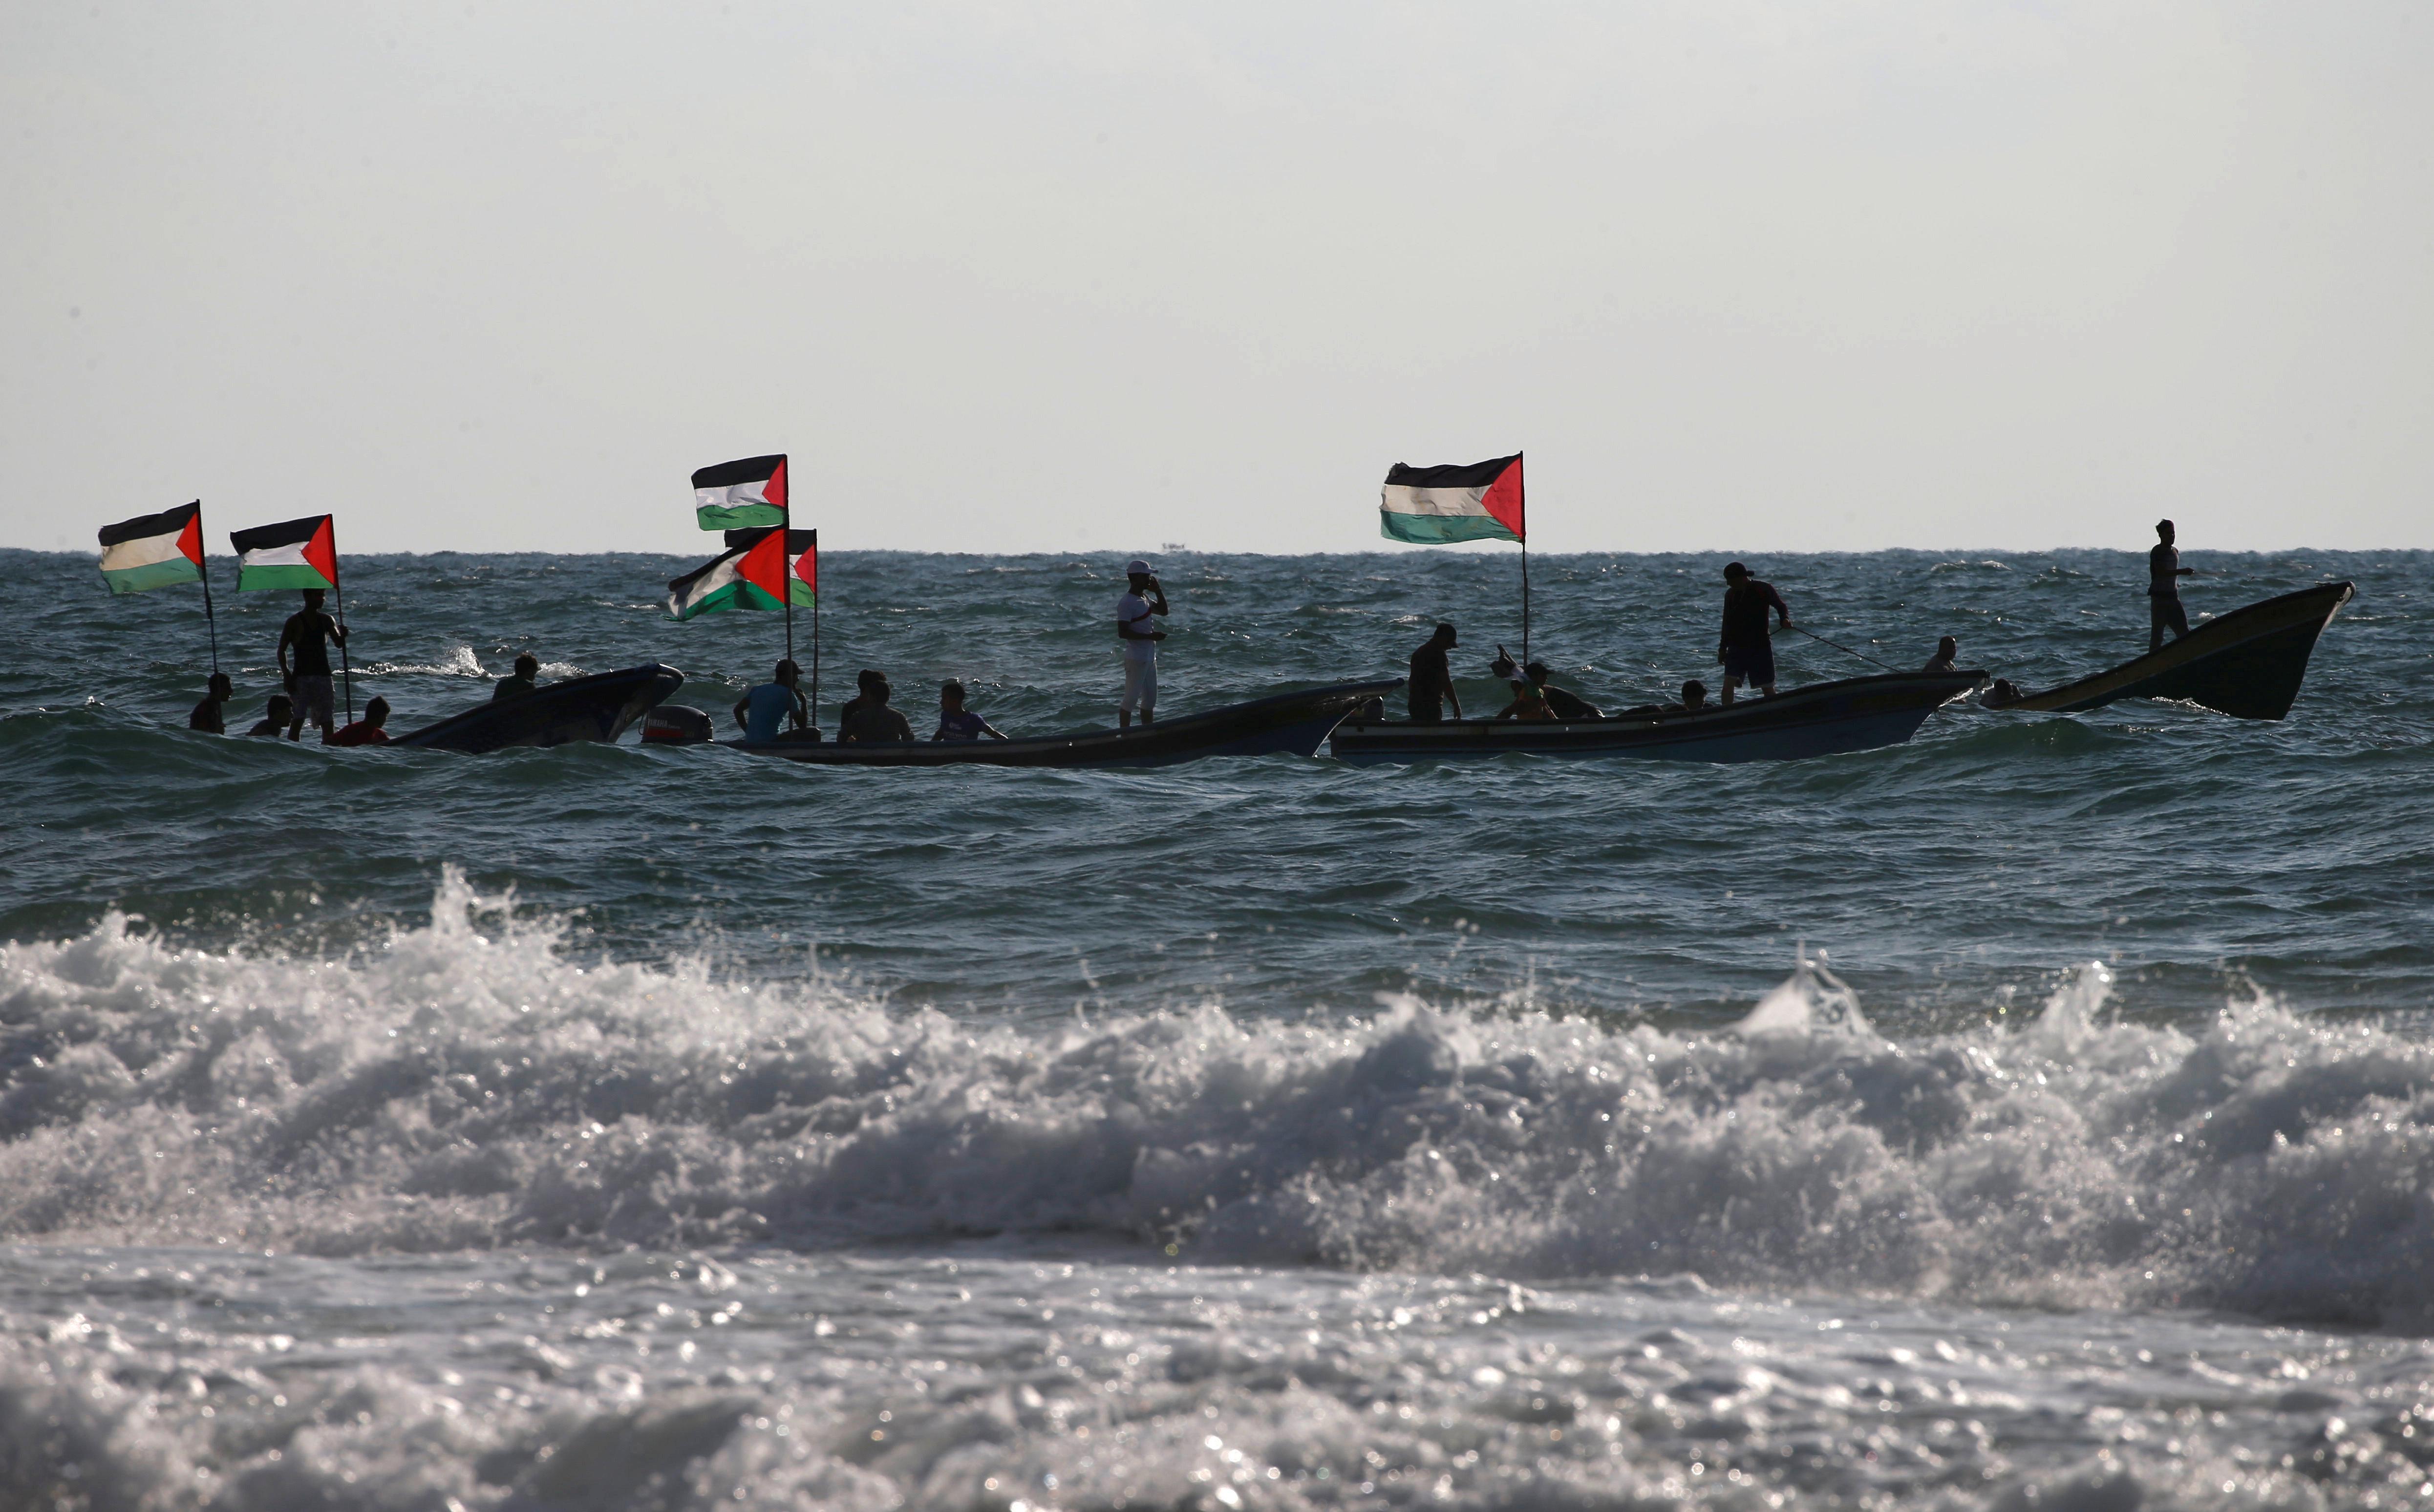 Το Ισραήλ κλείνει το μεθοριακό πέρασμα του Ερέζ στη